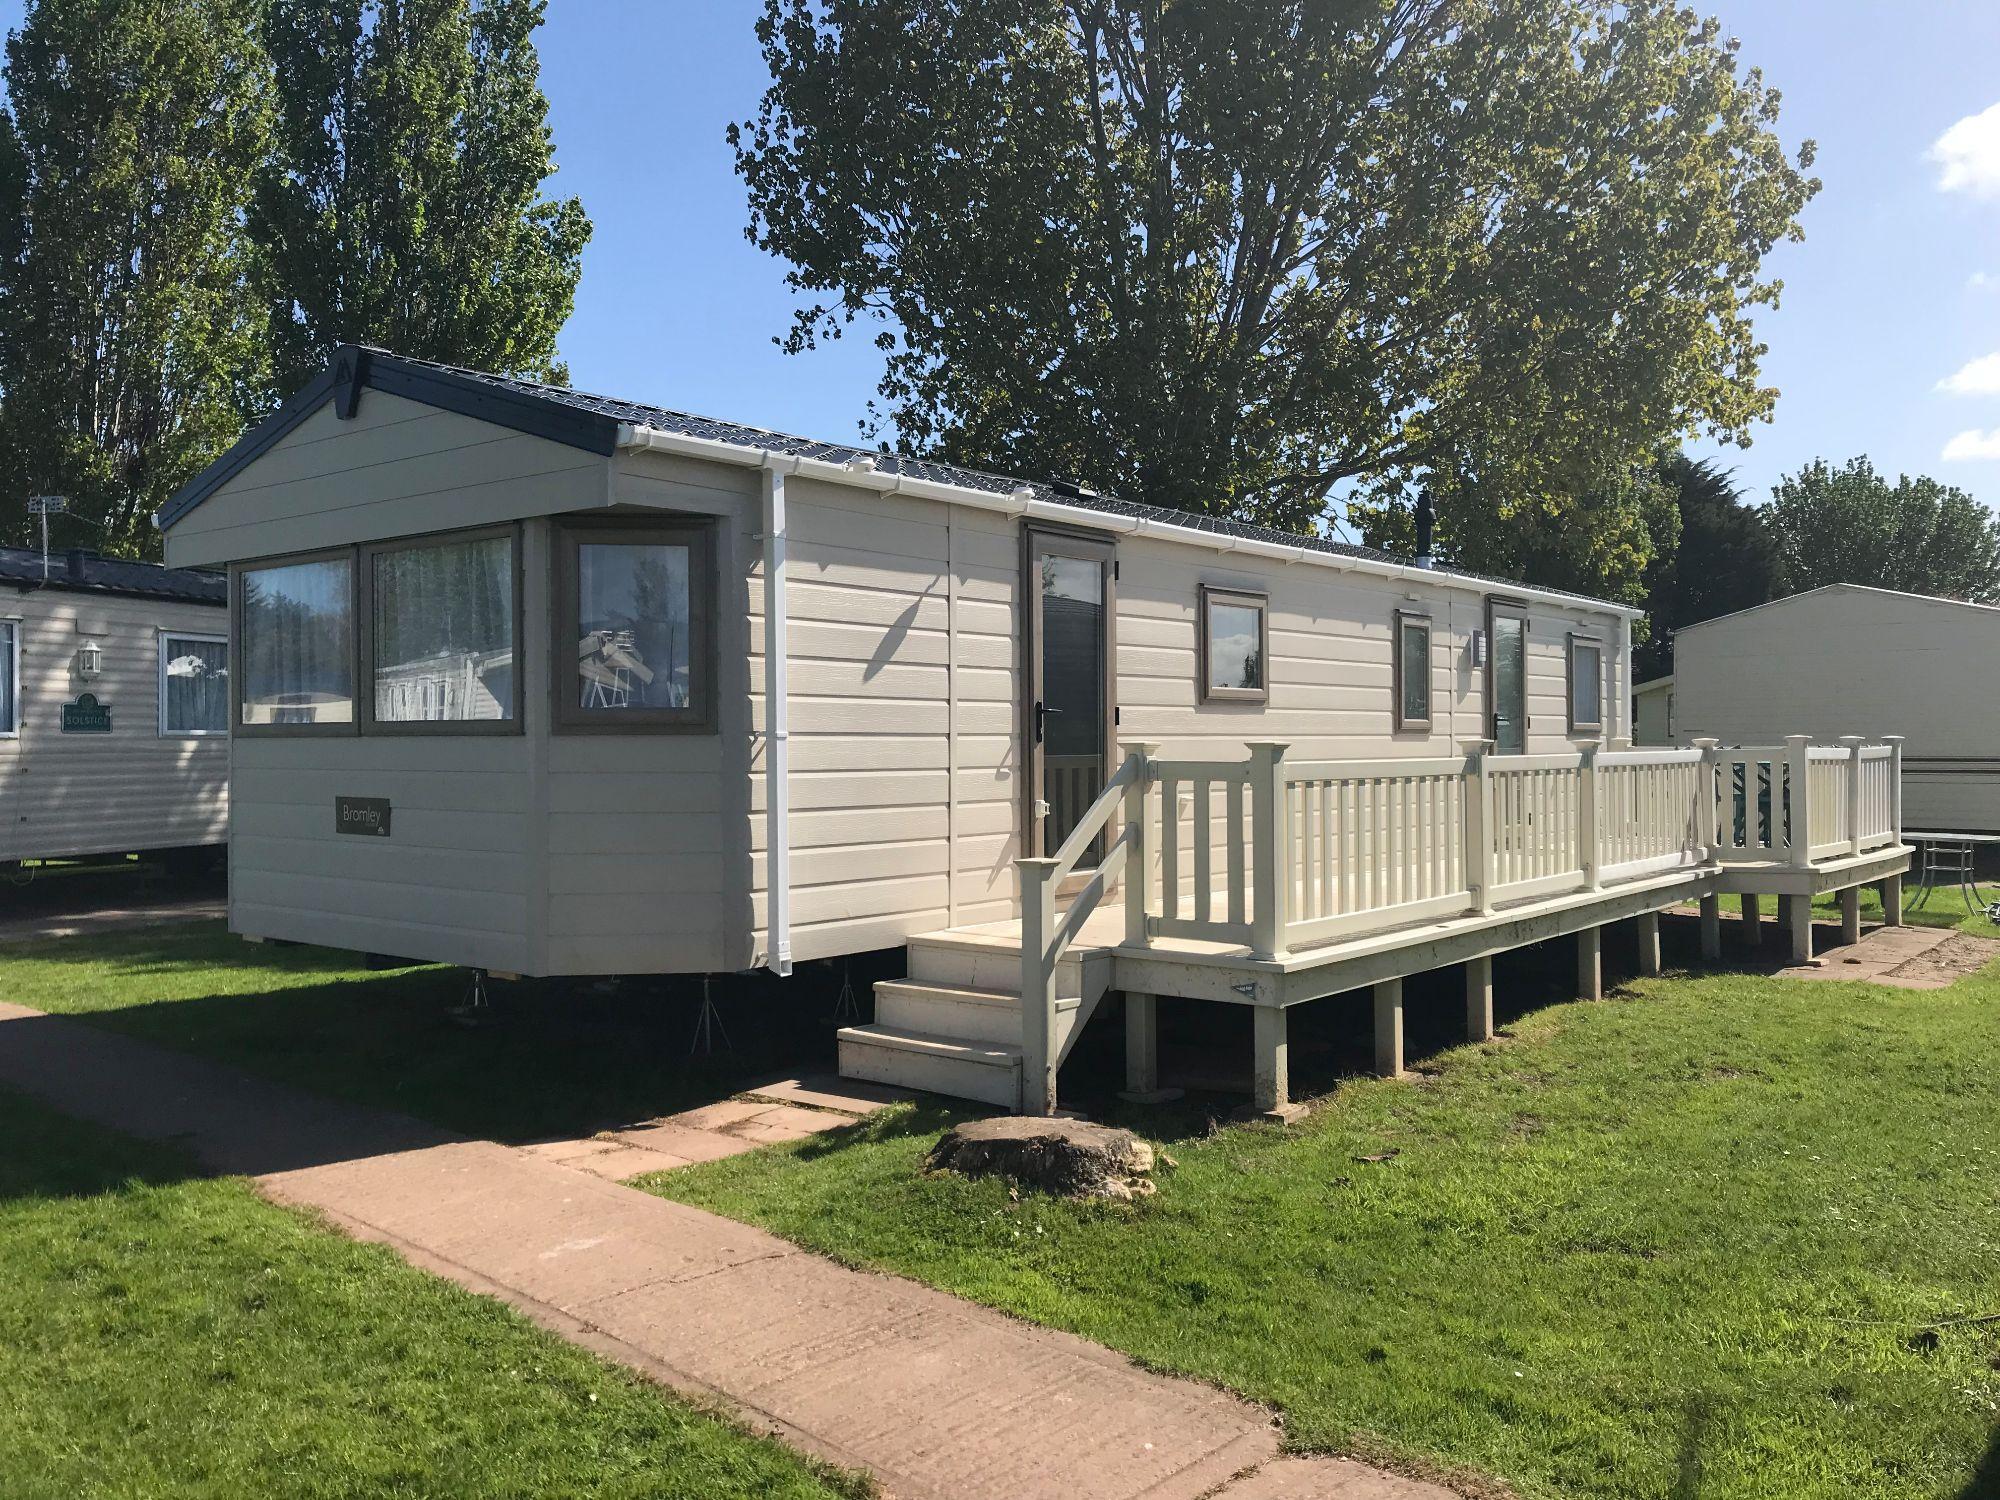 Bromley 8/10 Berth Caravan